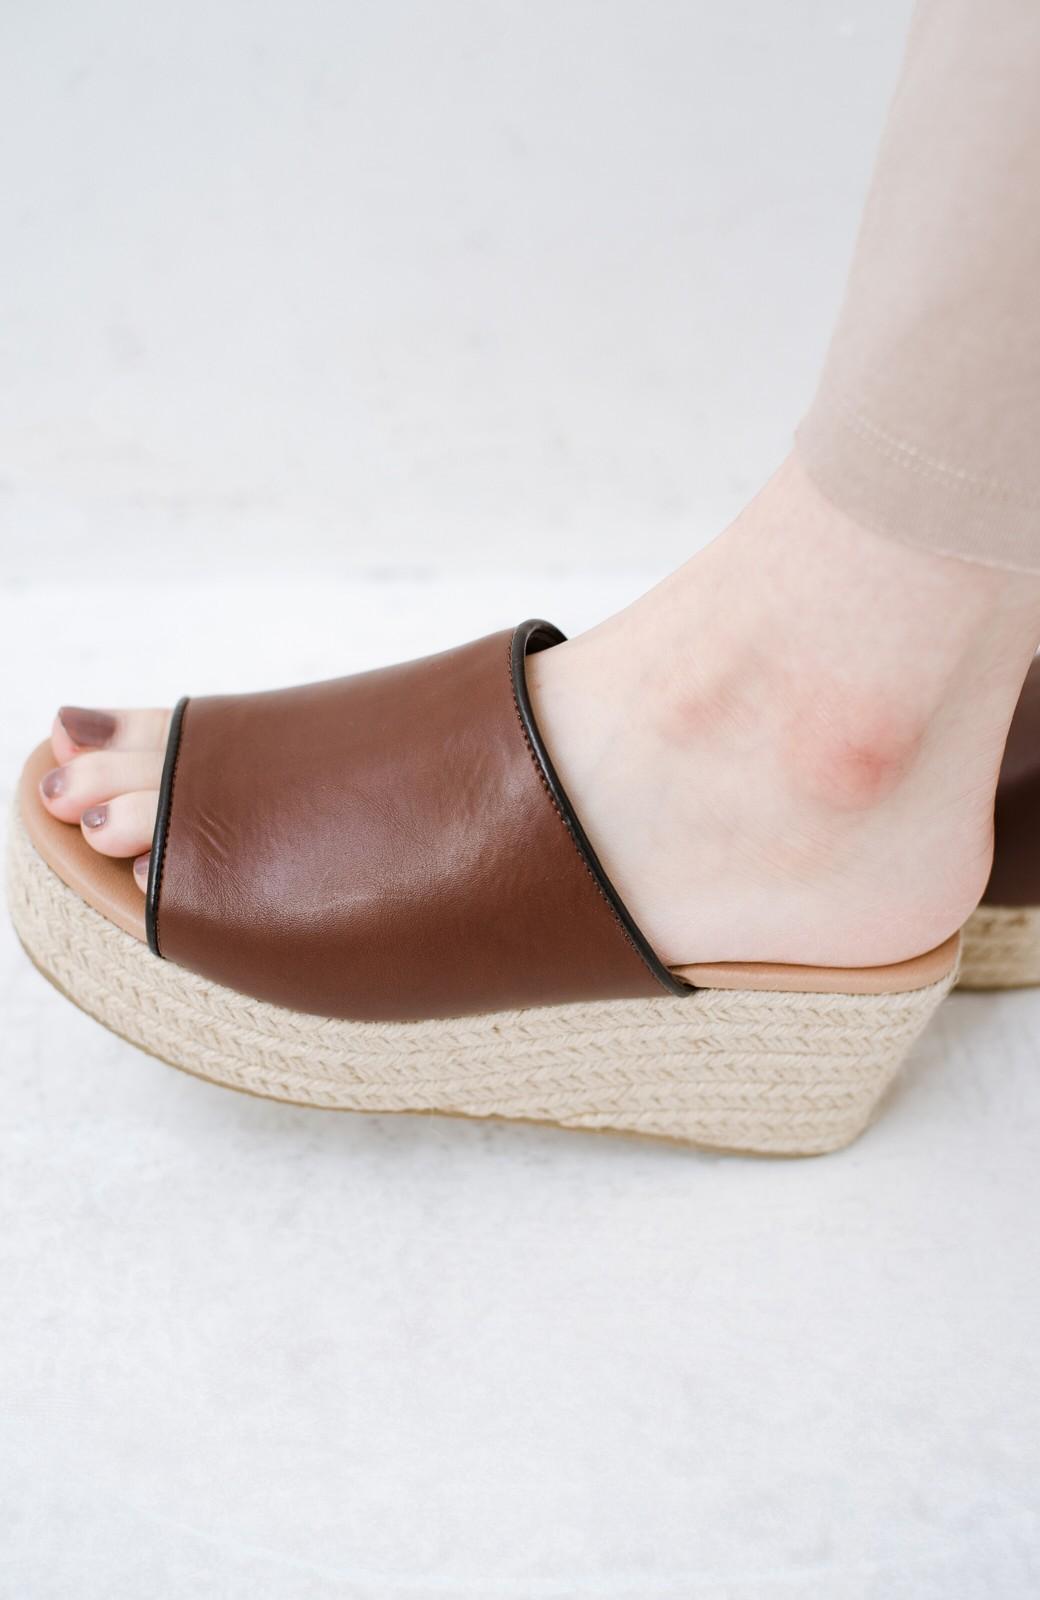 haco! 足を甘やかしながらもすっきり見せたいときに便利な バイカラーのプラットフォームサンダル <ブラウン>の商品写真6